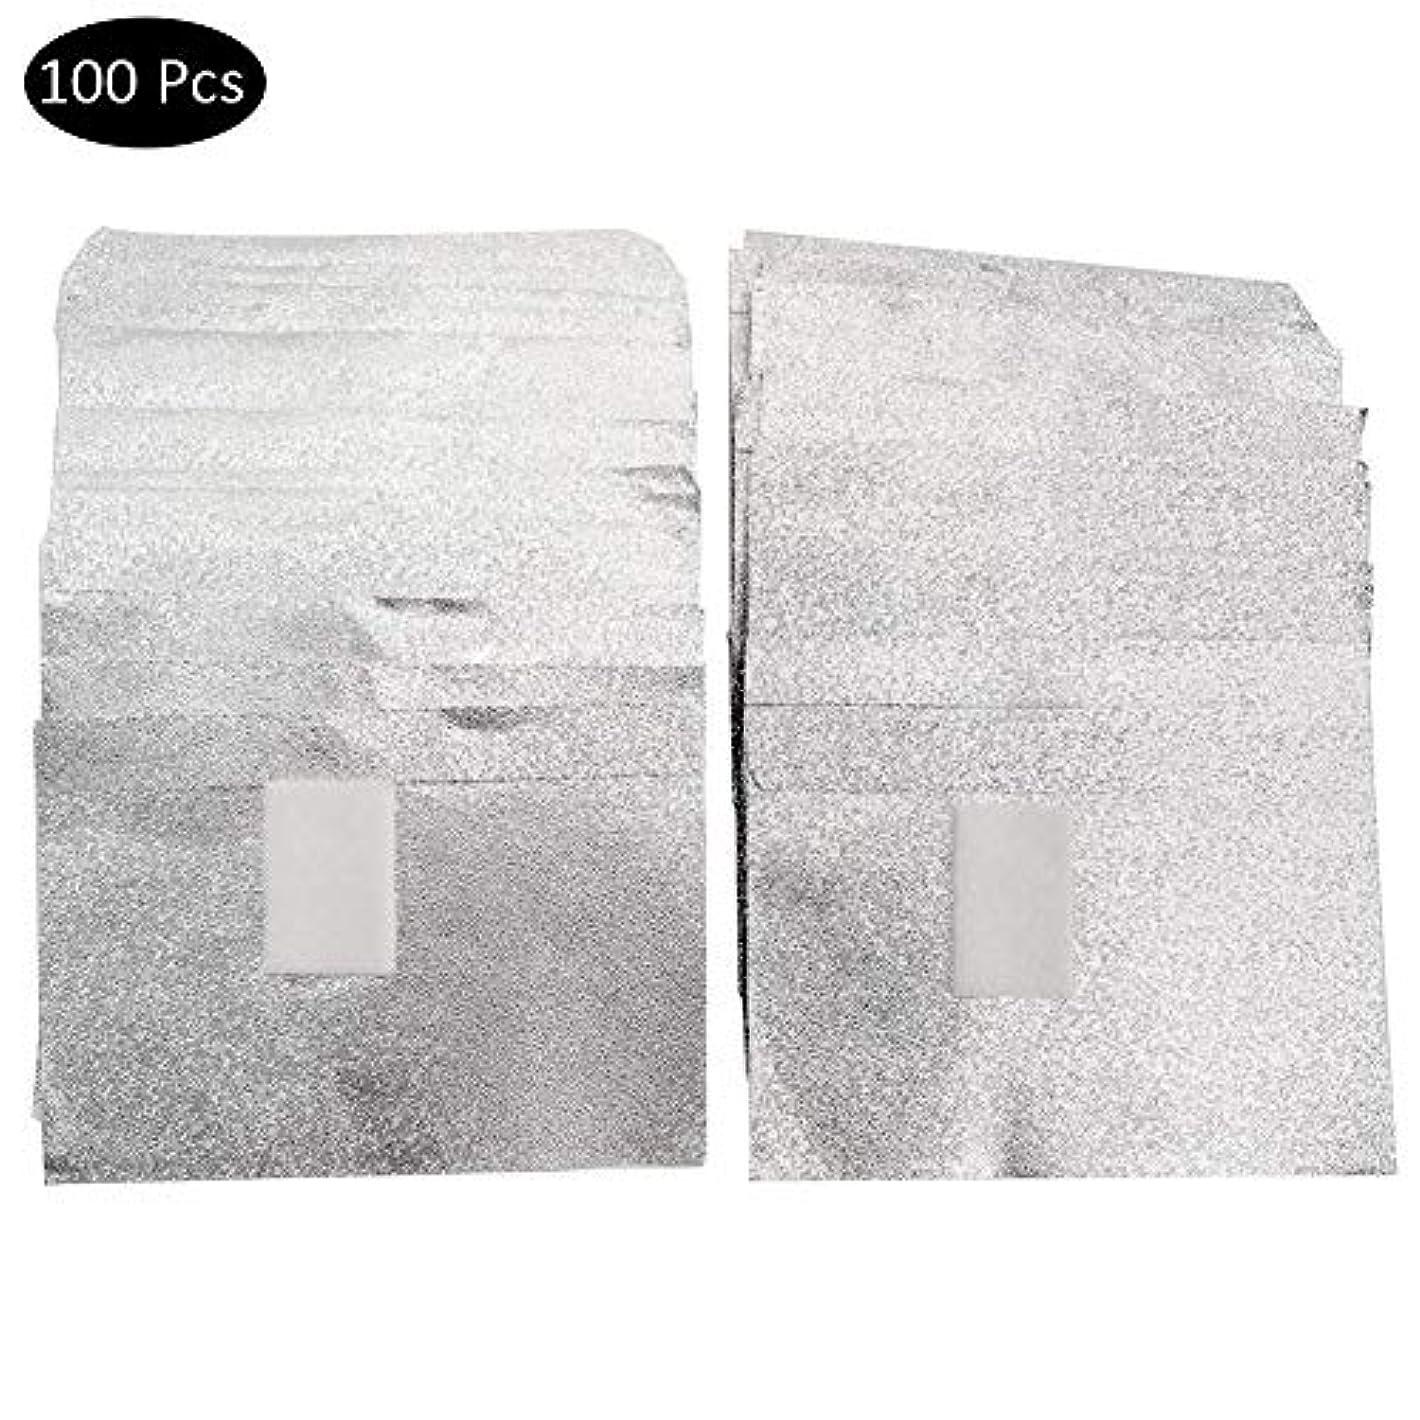 小さい有望運動するSILUN ネイルリムーバー錫箔ネイルポリッシュットン付きアルミホイル ジェル除却 使い捨て 爪マニキュア用品100枚入り使い捨て コットン付きアルミホイル ネイル用品 マニキュア用品